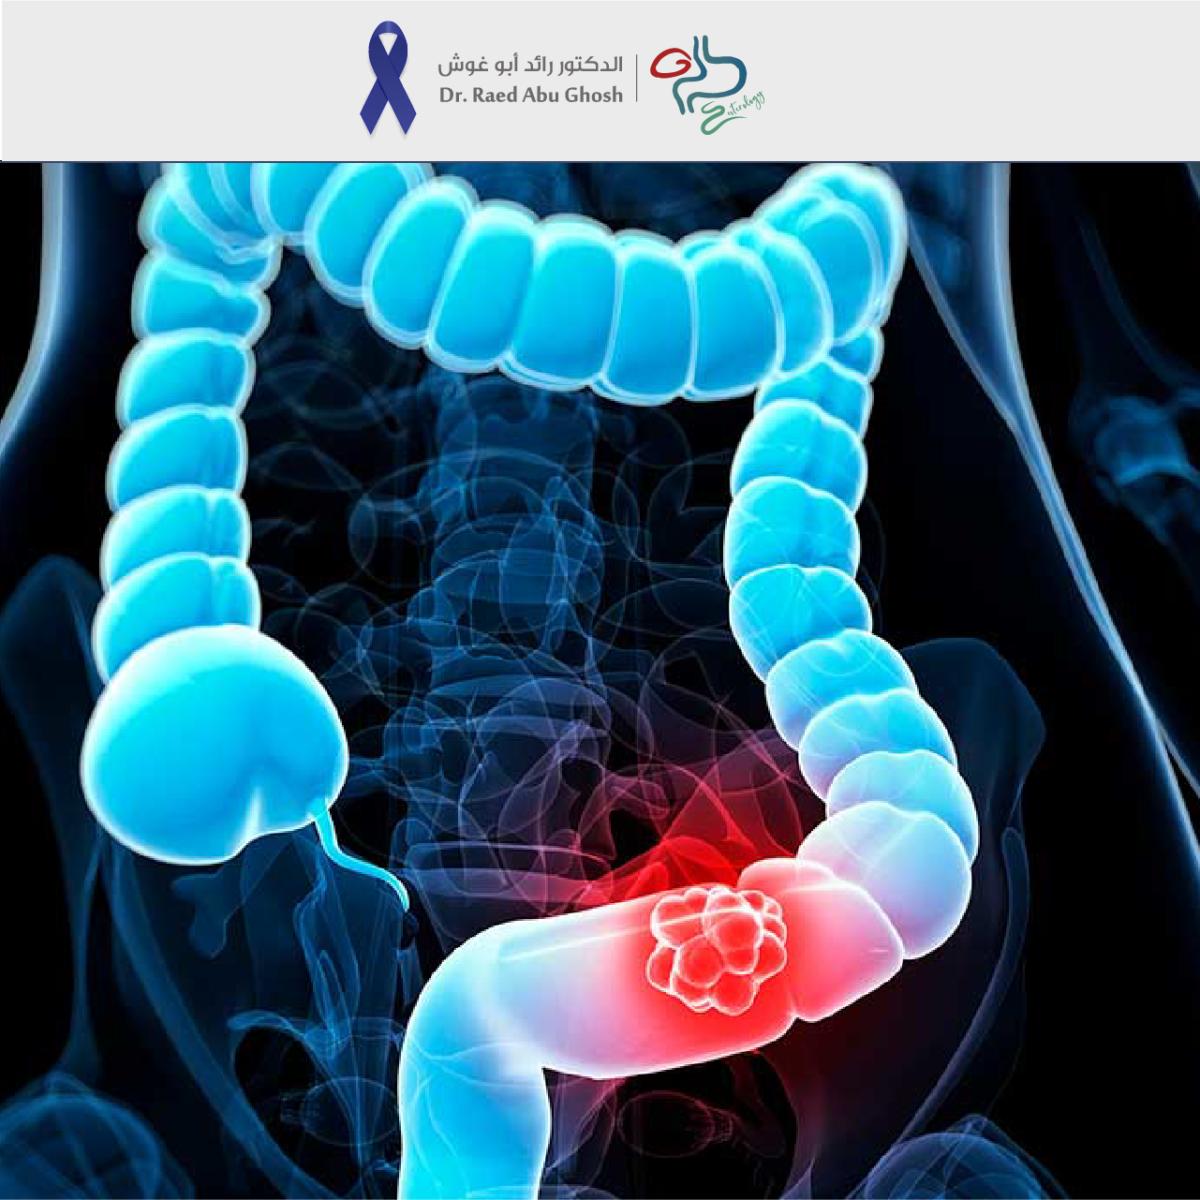 -رائد-برنامج-الكشف-المبكر-عن-سرطان-القولون-1200x1200.png